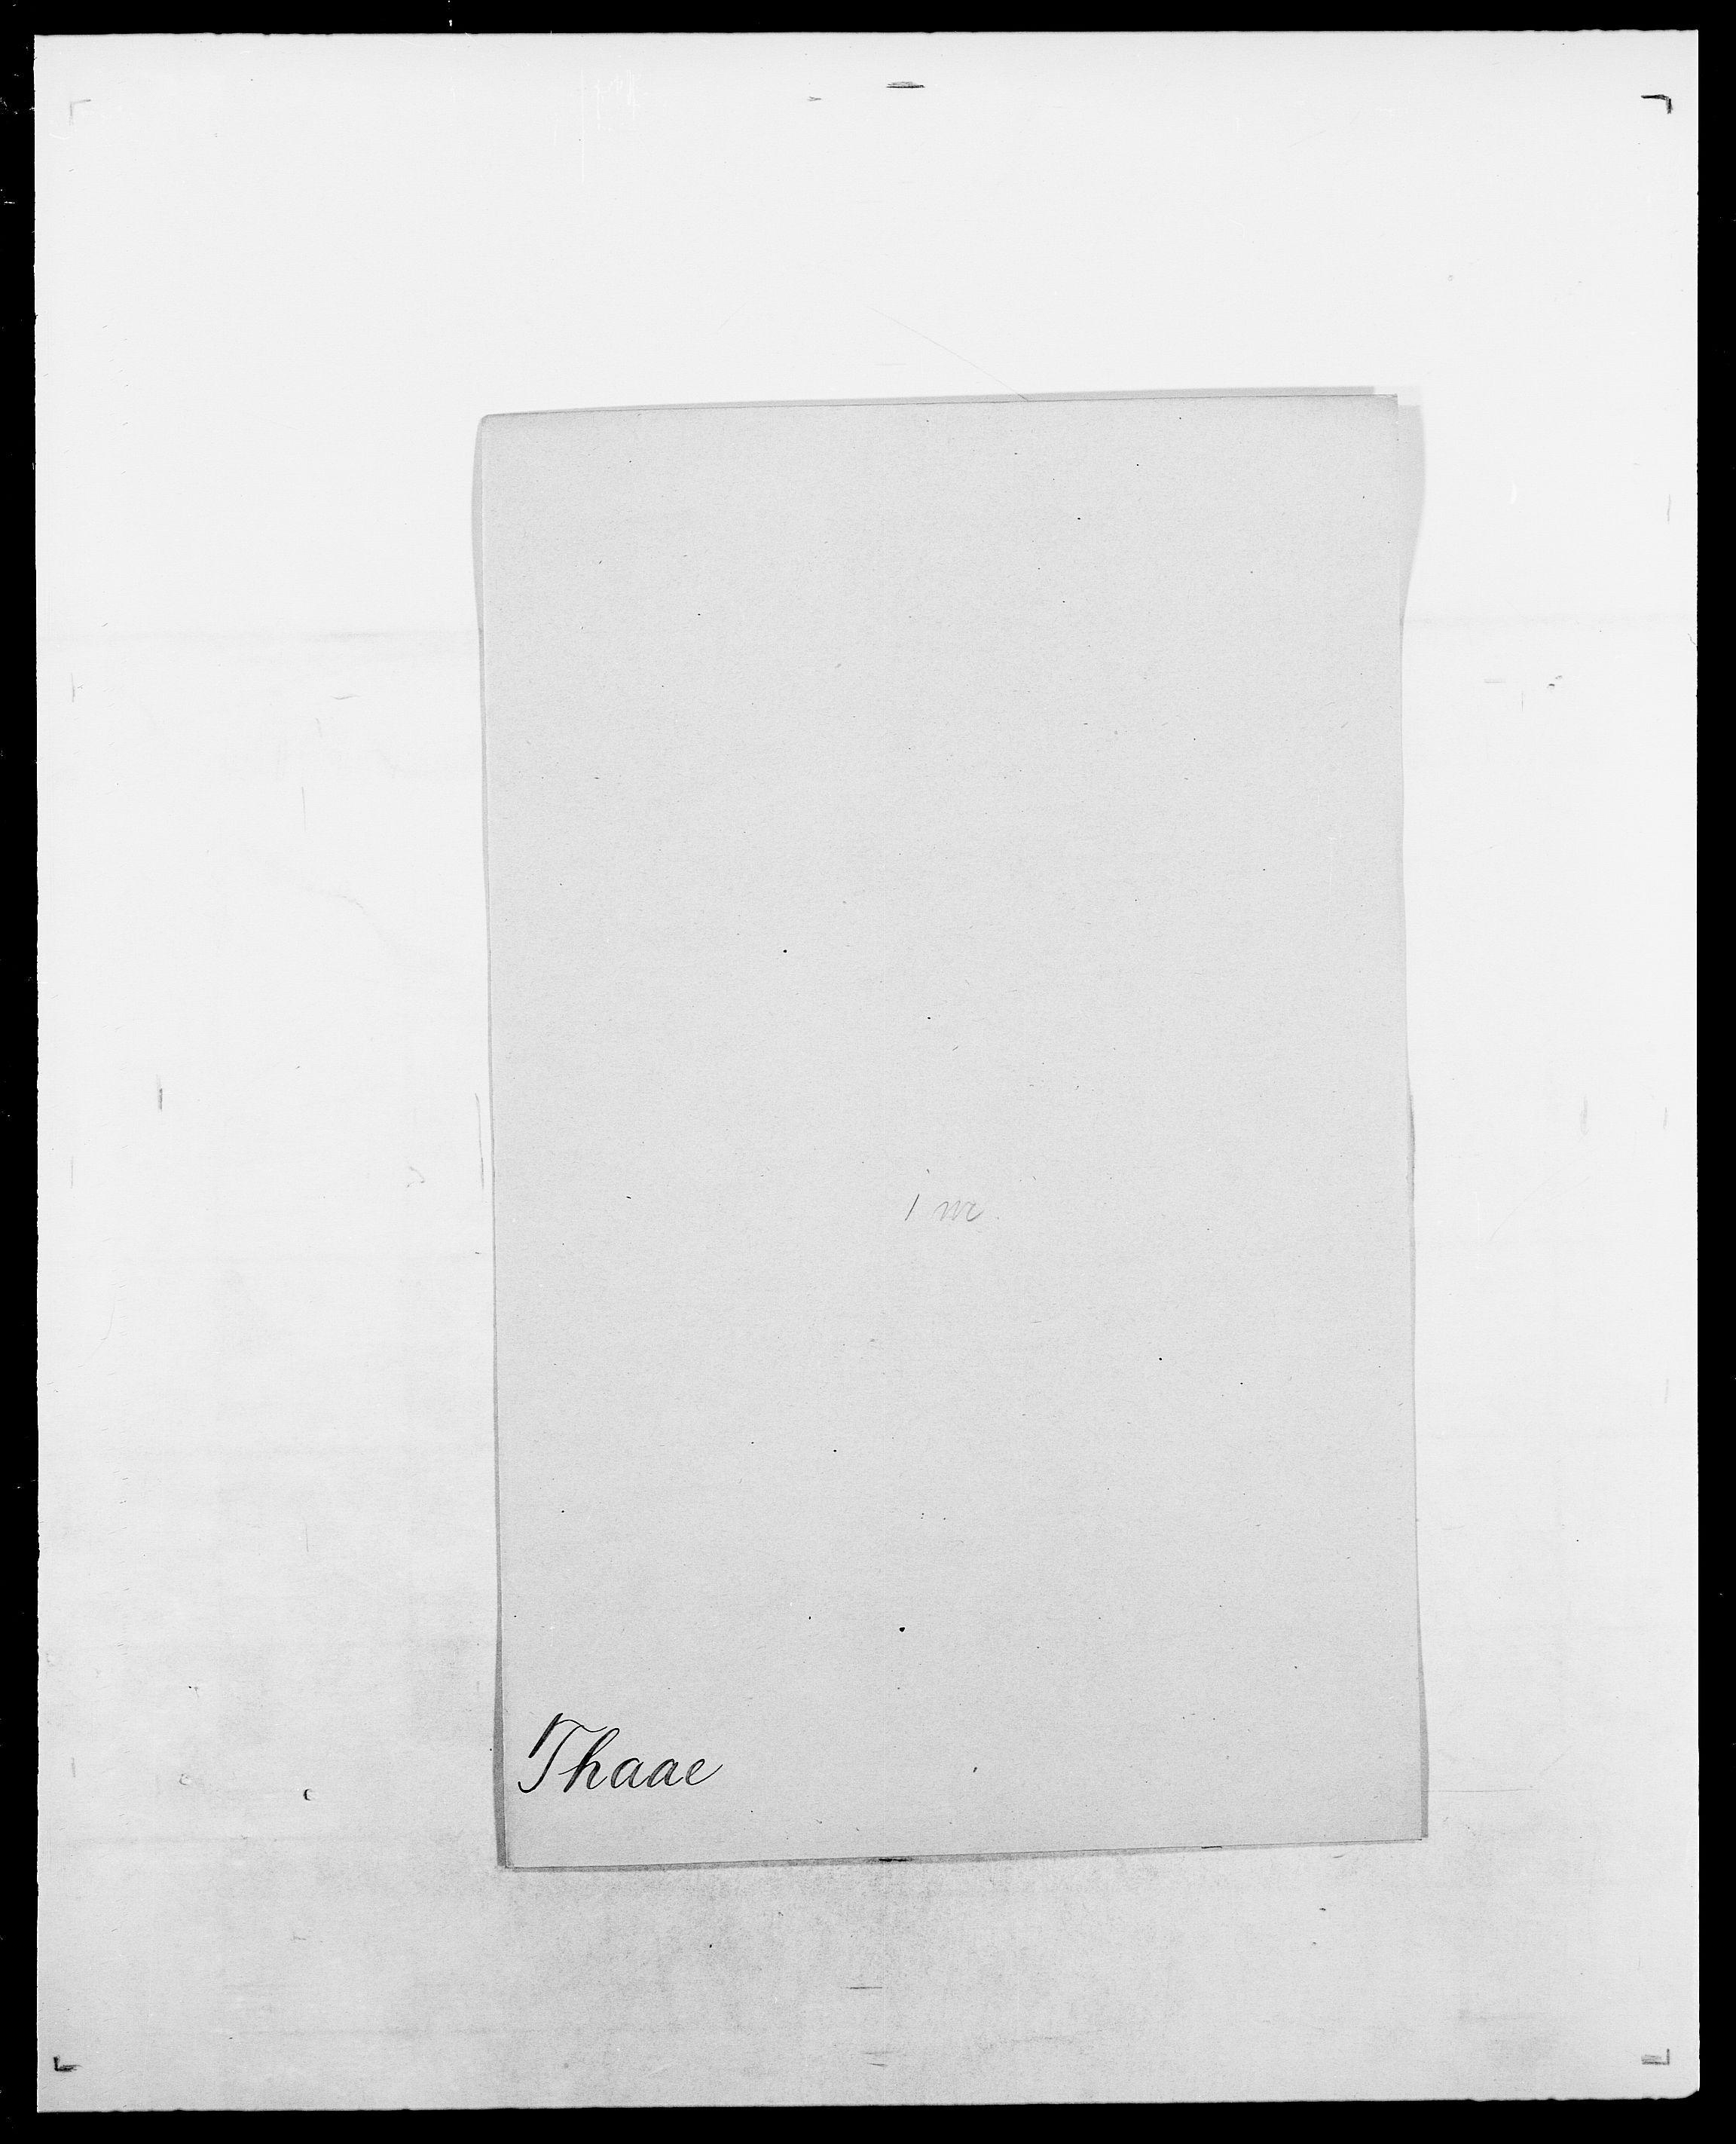 SAO, Delgobe, Charles Antoine - samling, D/Da/L0038: Svanenskjold - Thornsohn, s. 426